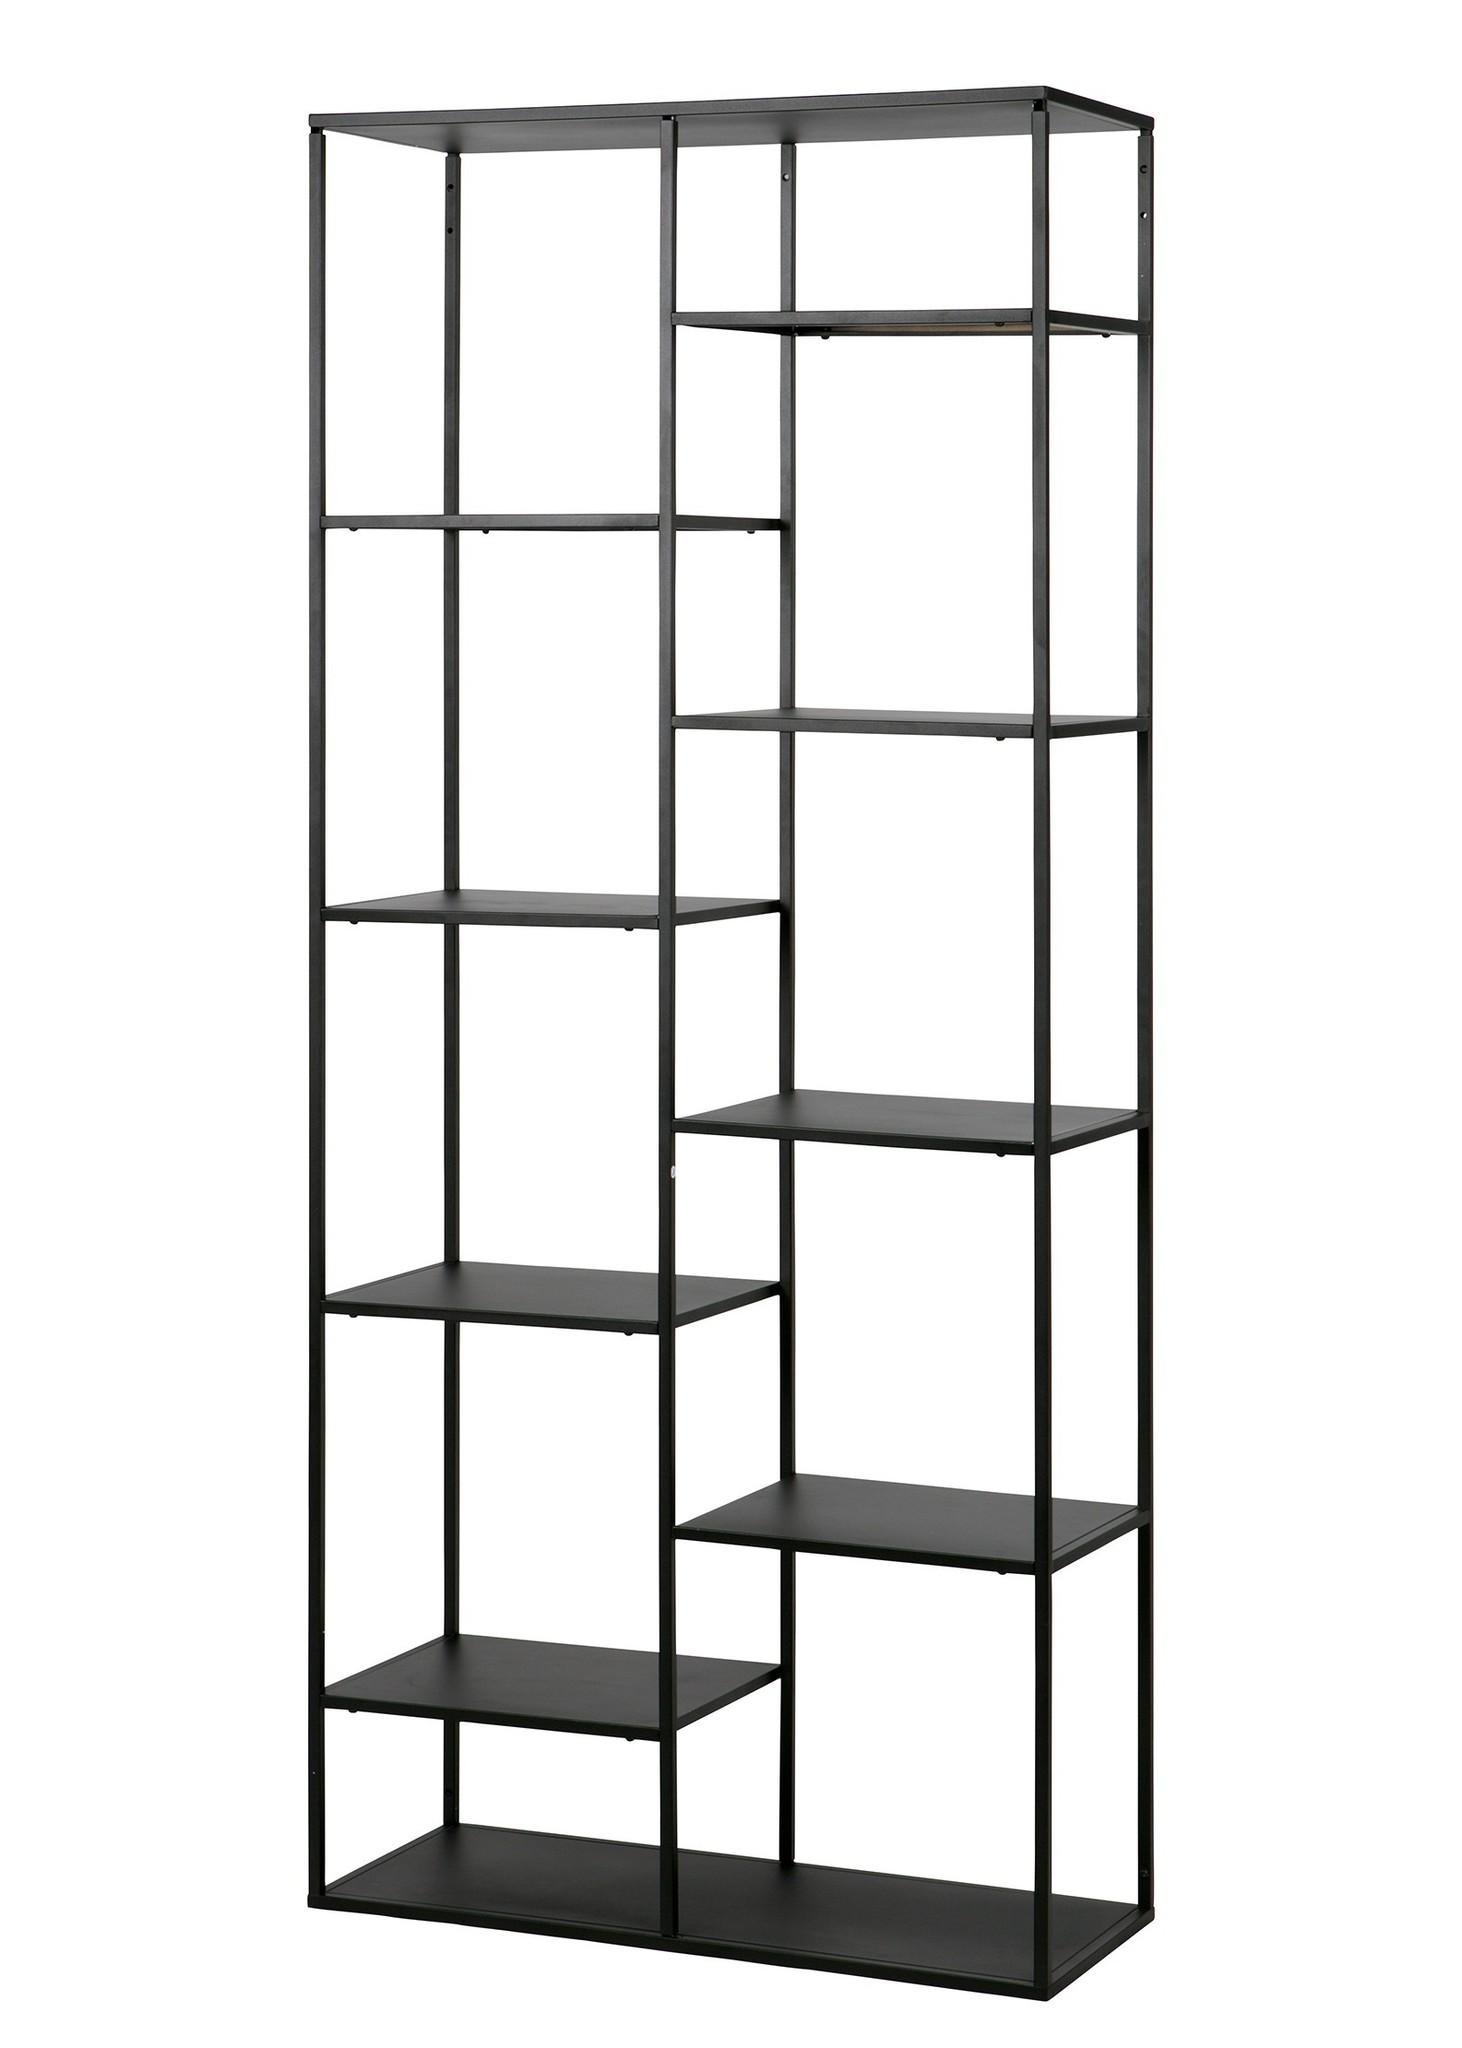 Woood locker cupboard metal June